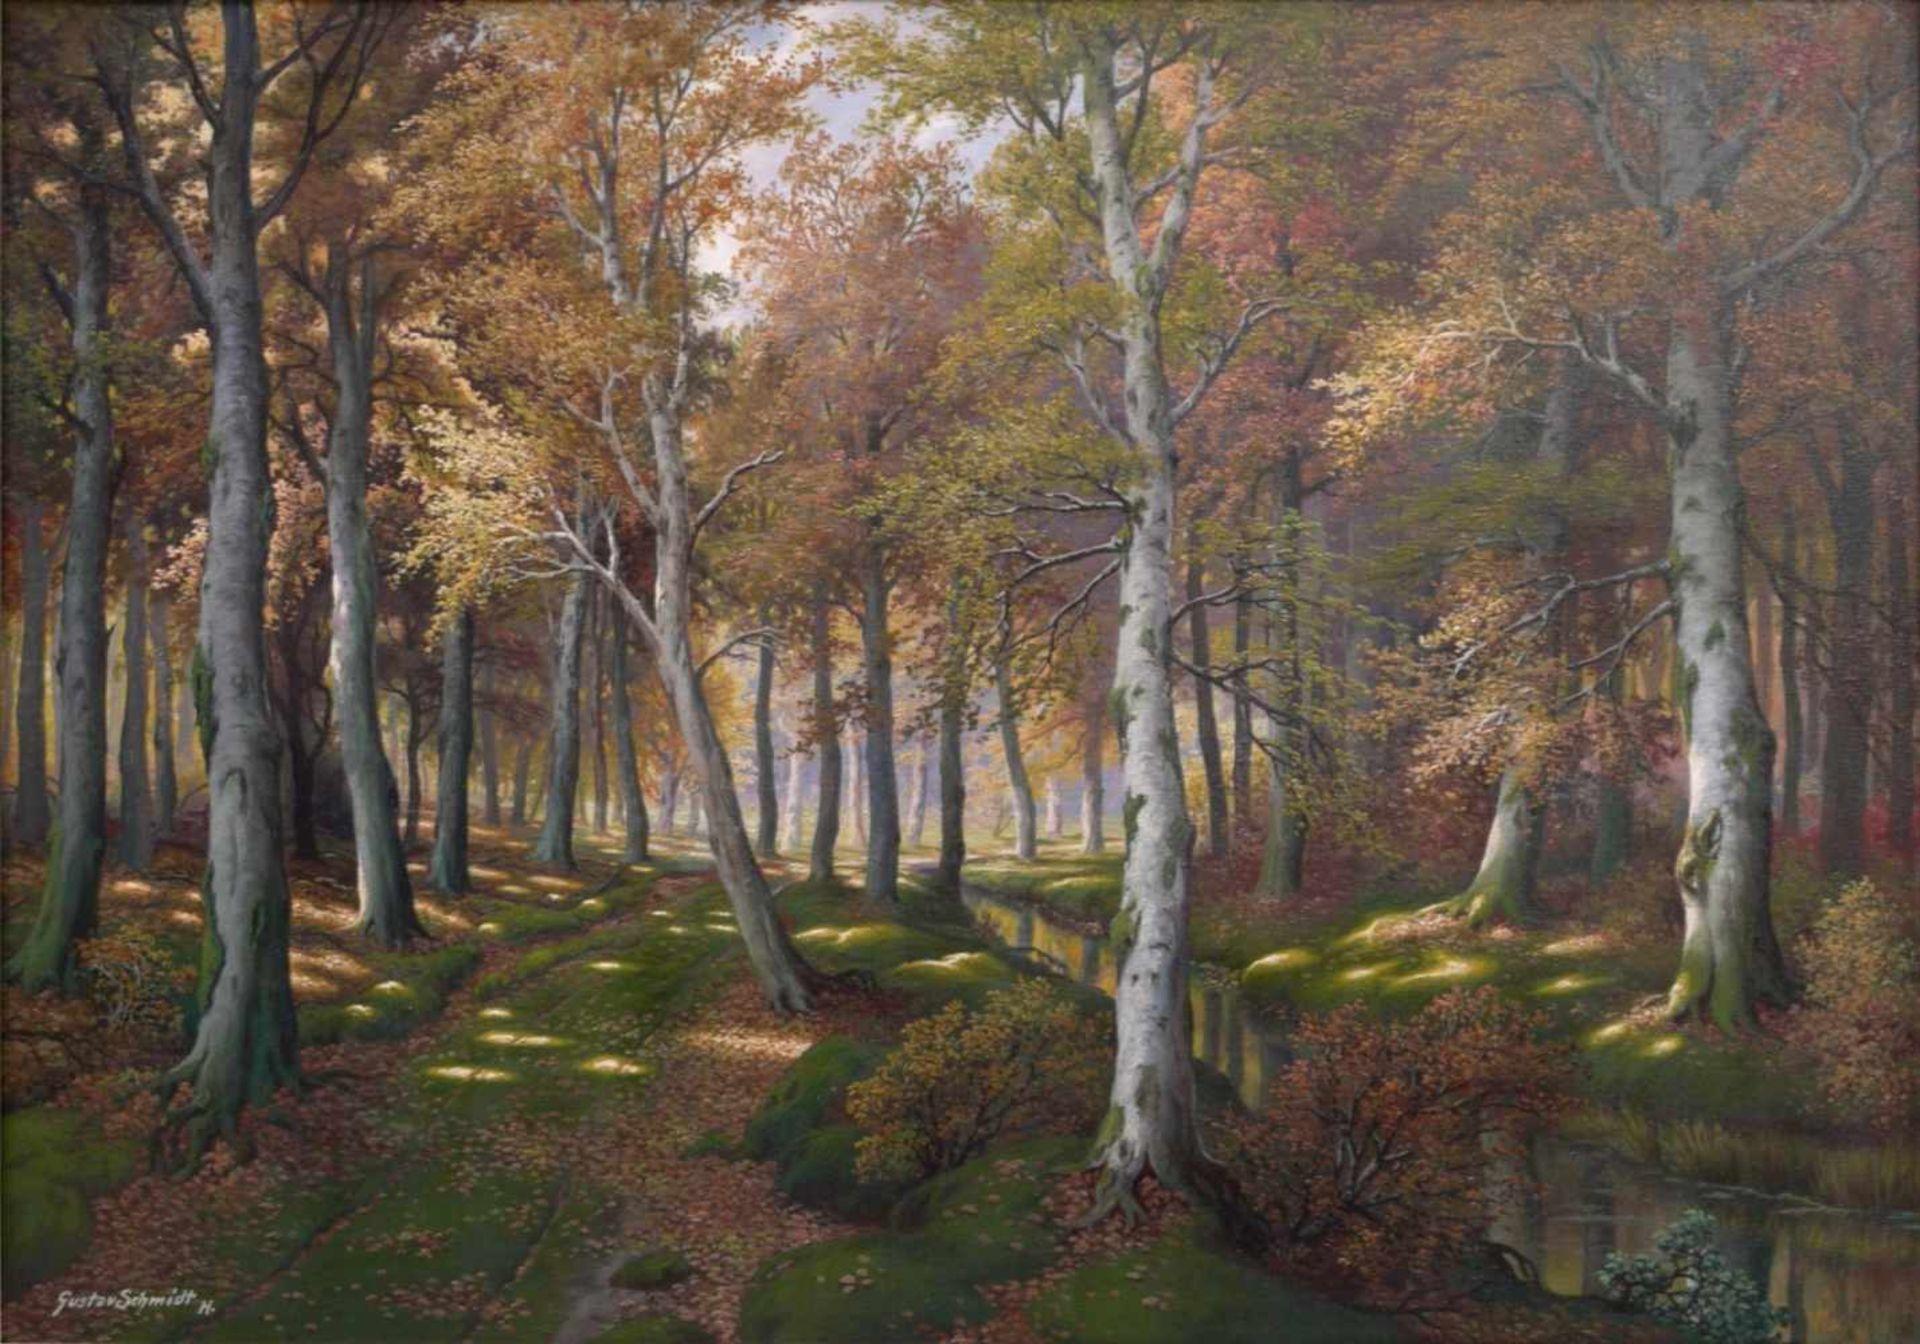 Schmidt, Gustav (1888-1972) - Lichter LaubwaldEin von hellem Licht durchfluteter Laubwald in - Bild 2 aus 7